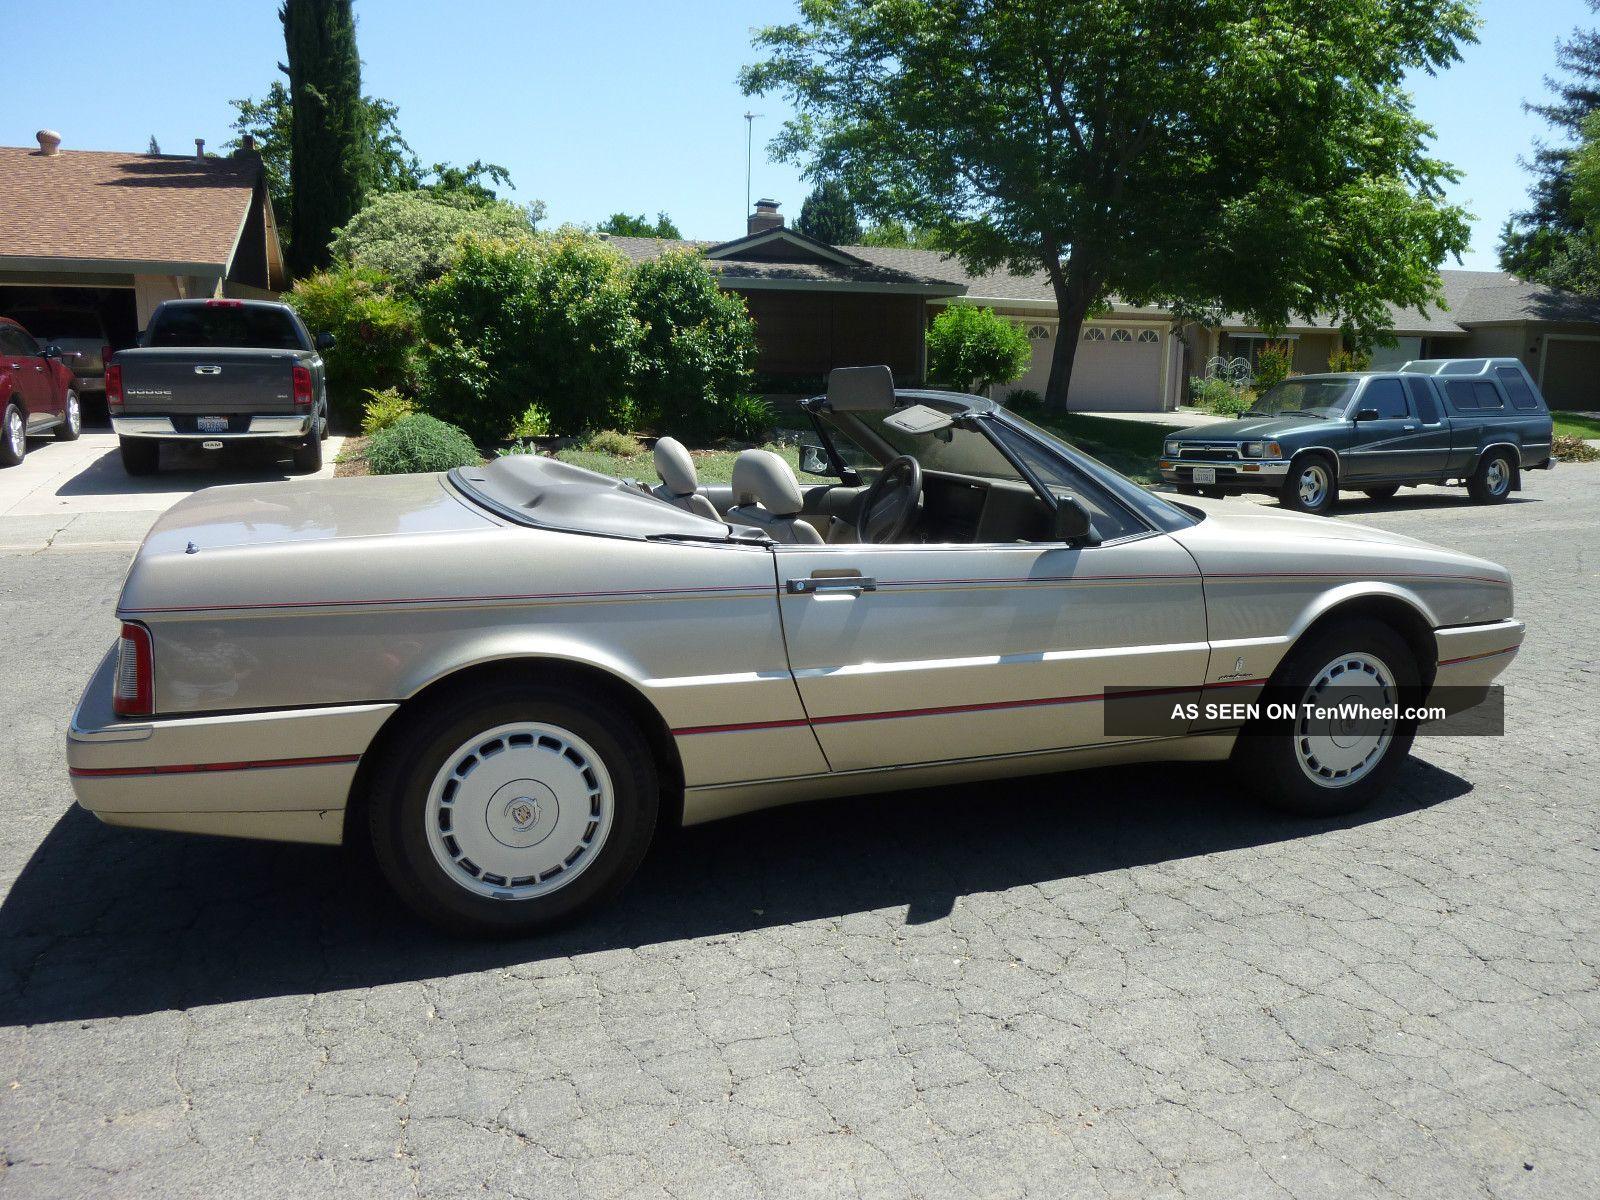 Cadillac Allante 50 Images New Hd Car Wallpaper 1990 Fuse Box Value Leader Convertible 2 Door 4 5l